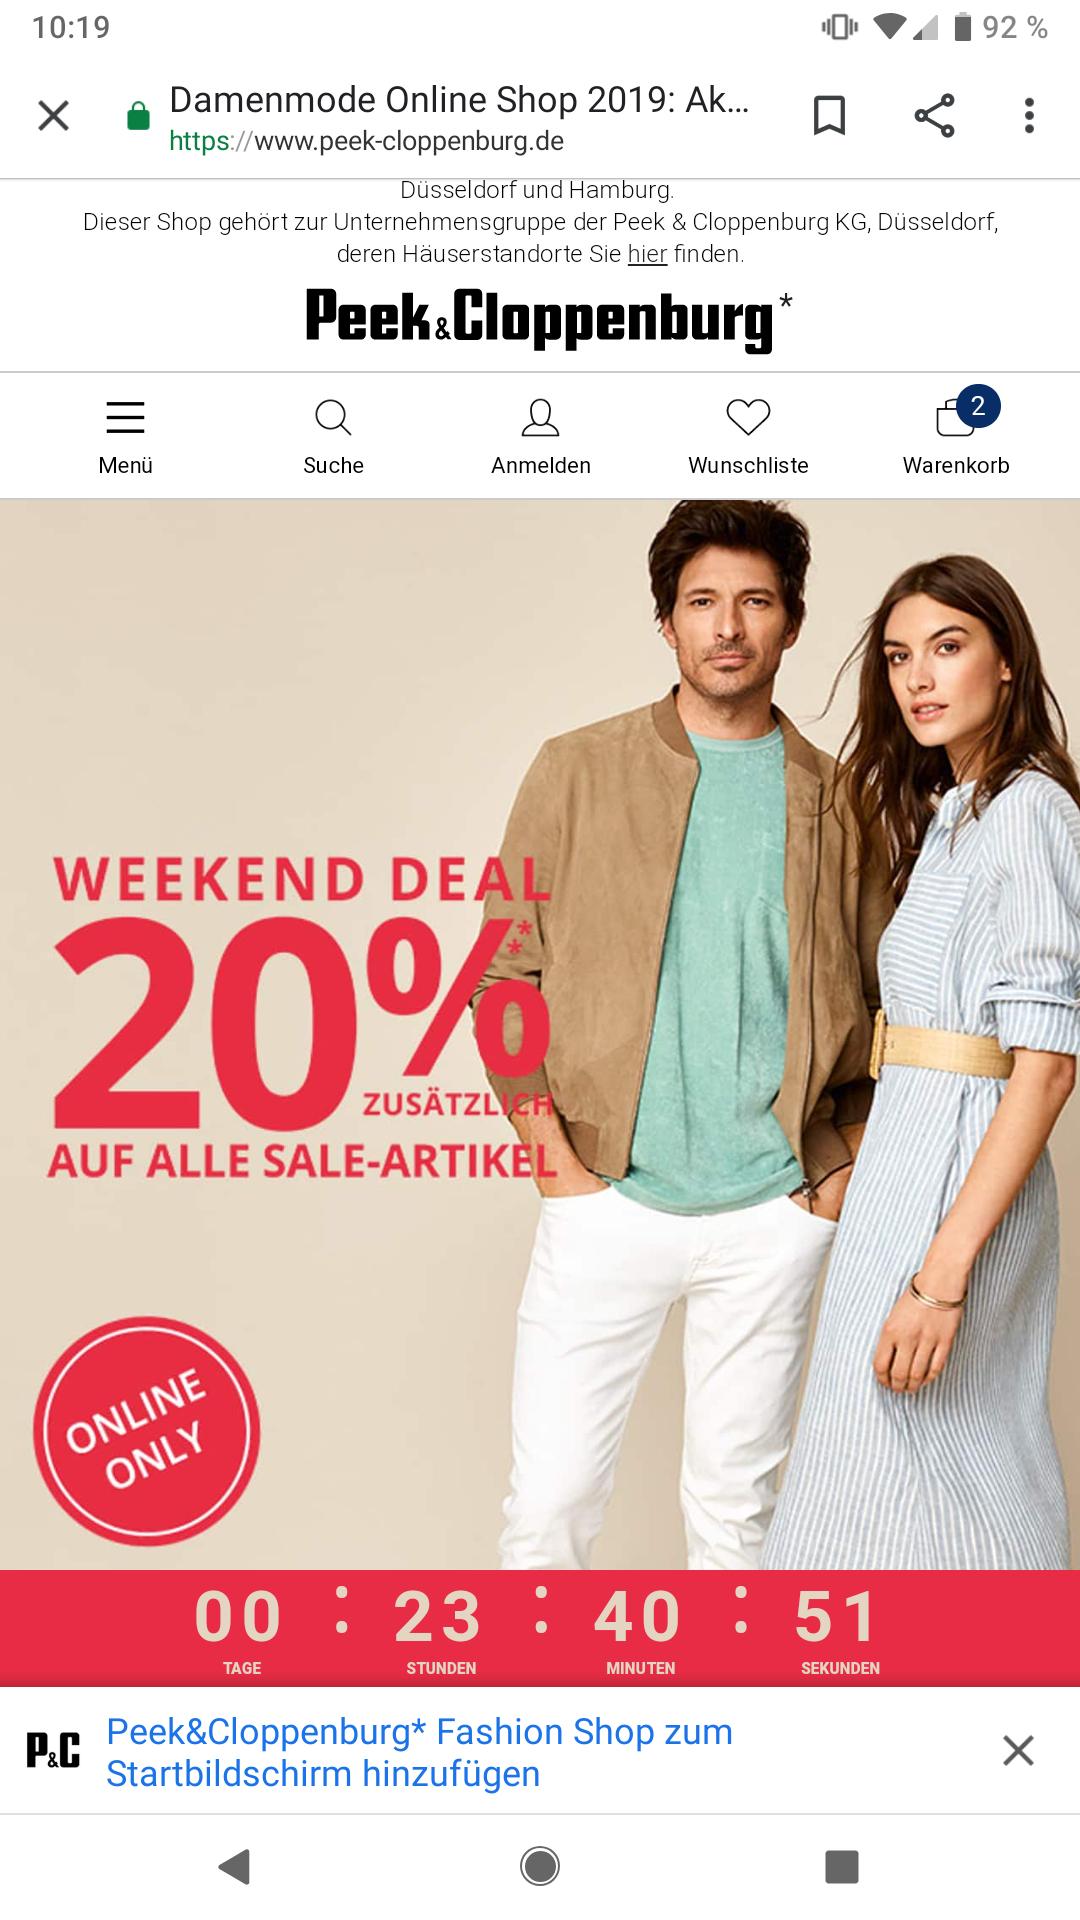 Peek&Cloppenburg 20% Extra auf alles im Sale